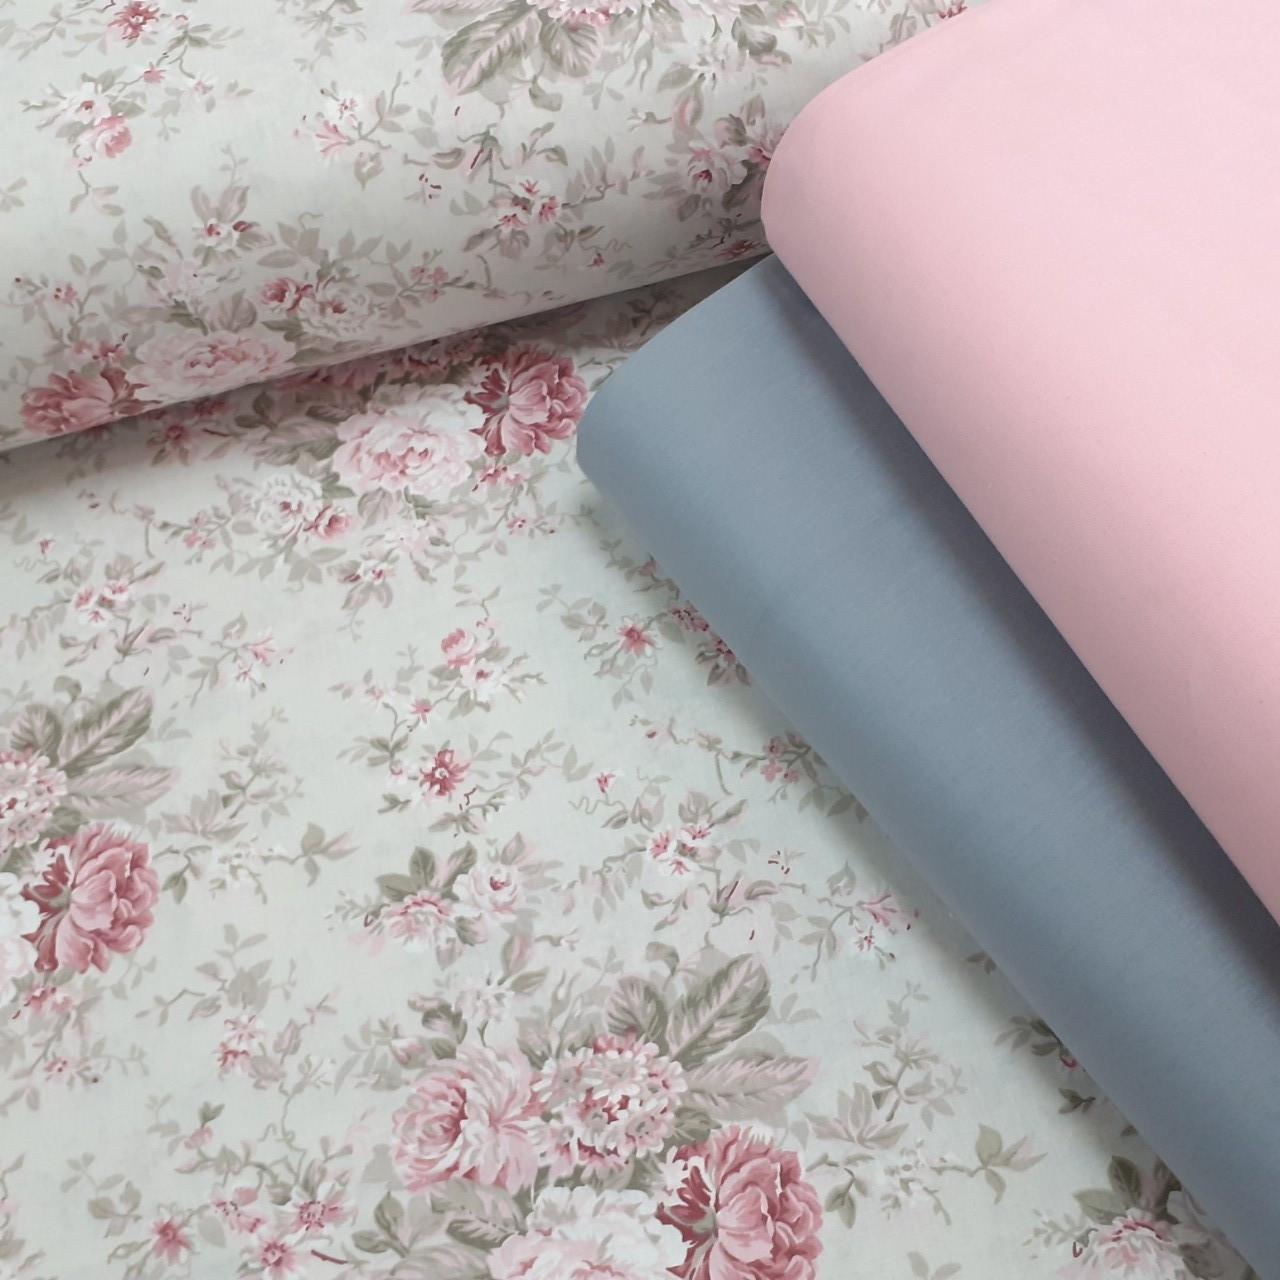 Хлопковая ткань (ТУРЦИЯ шир. 2,4 м) цветы в розовых тонах на светло-сером